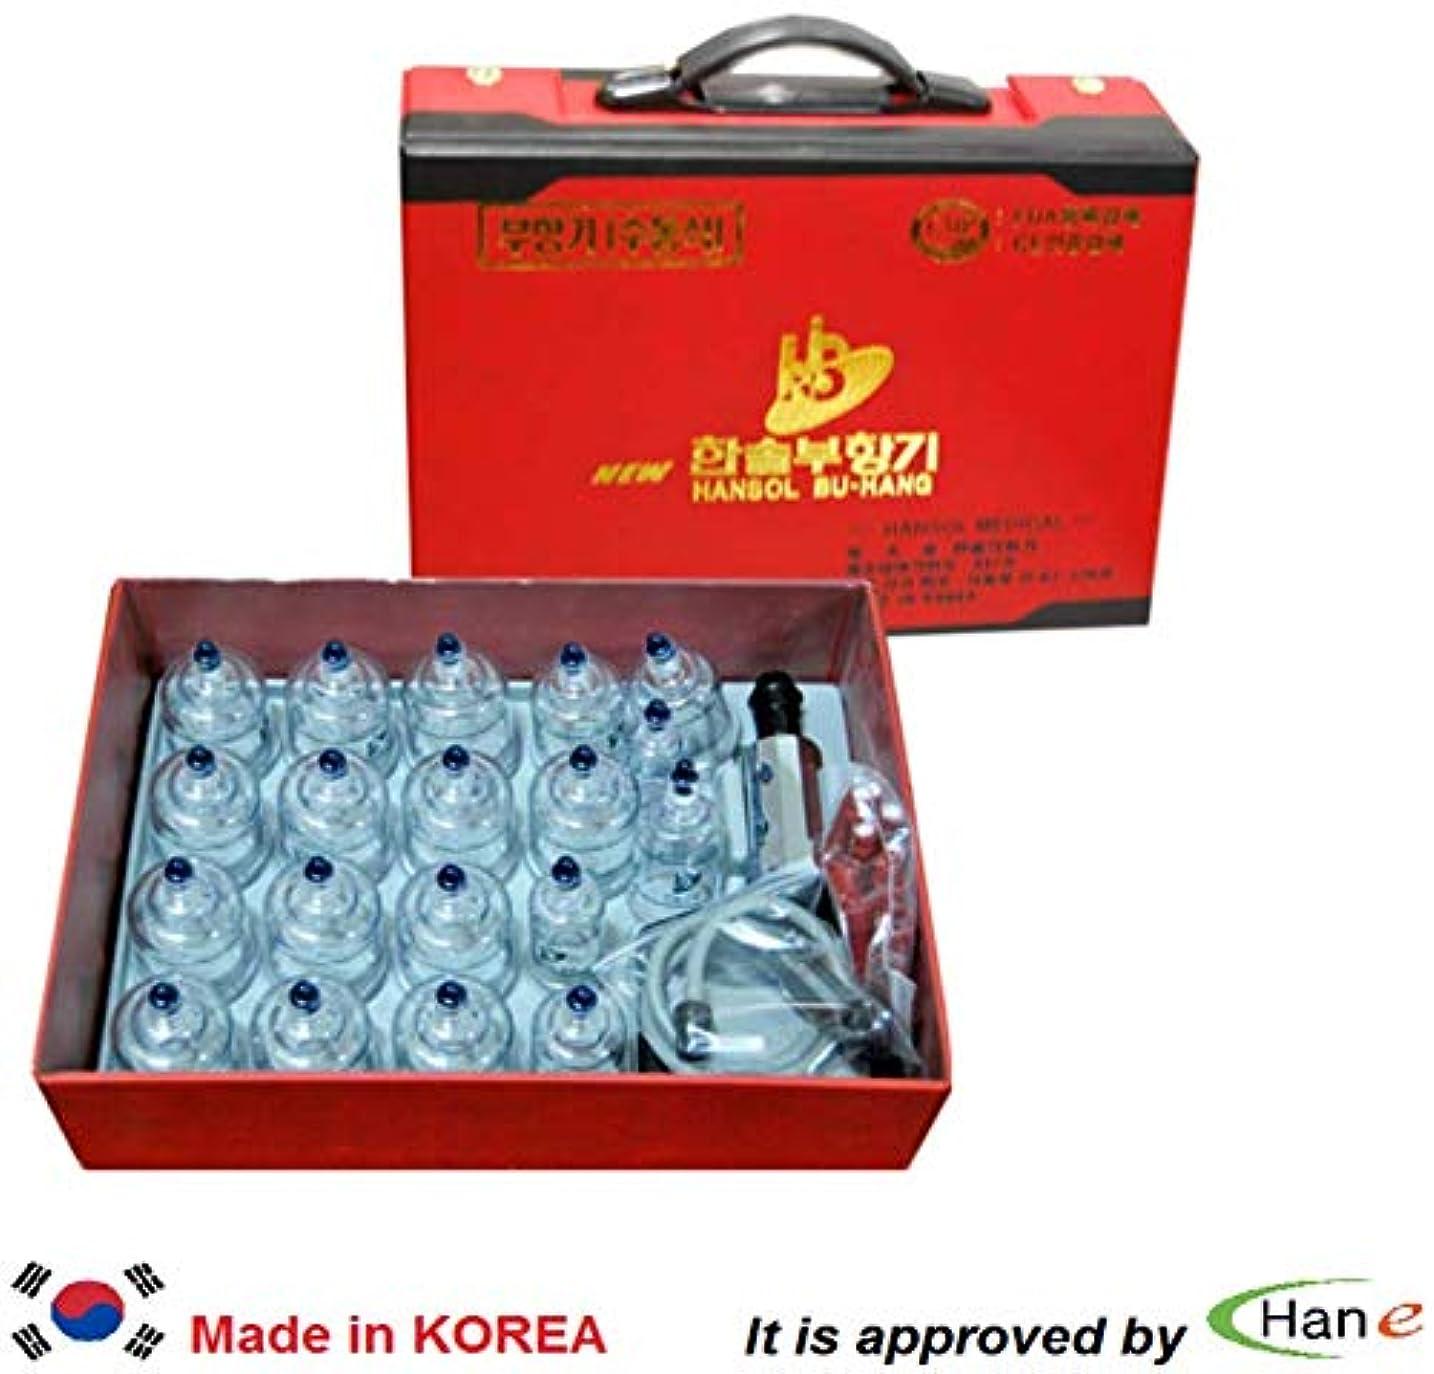 確実溶融エゴマニア韓国カッピングセット19カップハンディケース付属カッピングマッサージ真空吸引